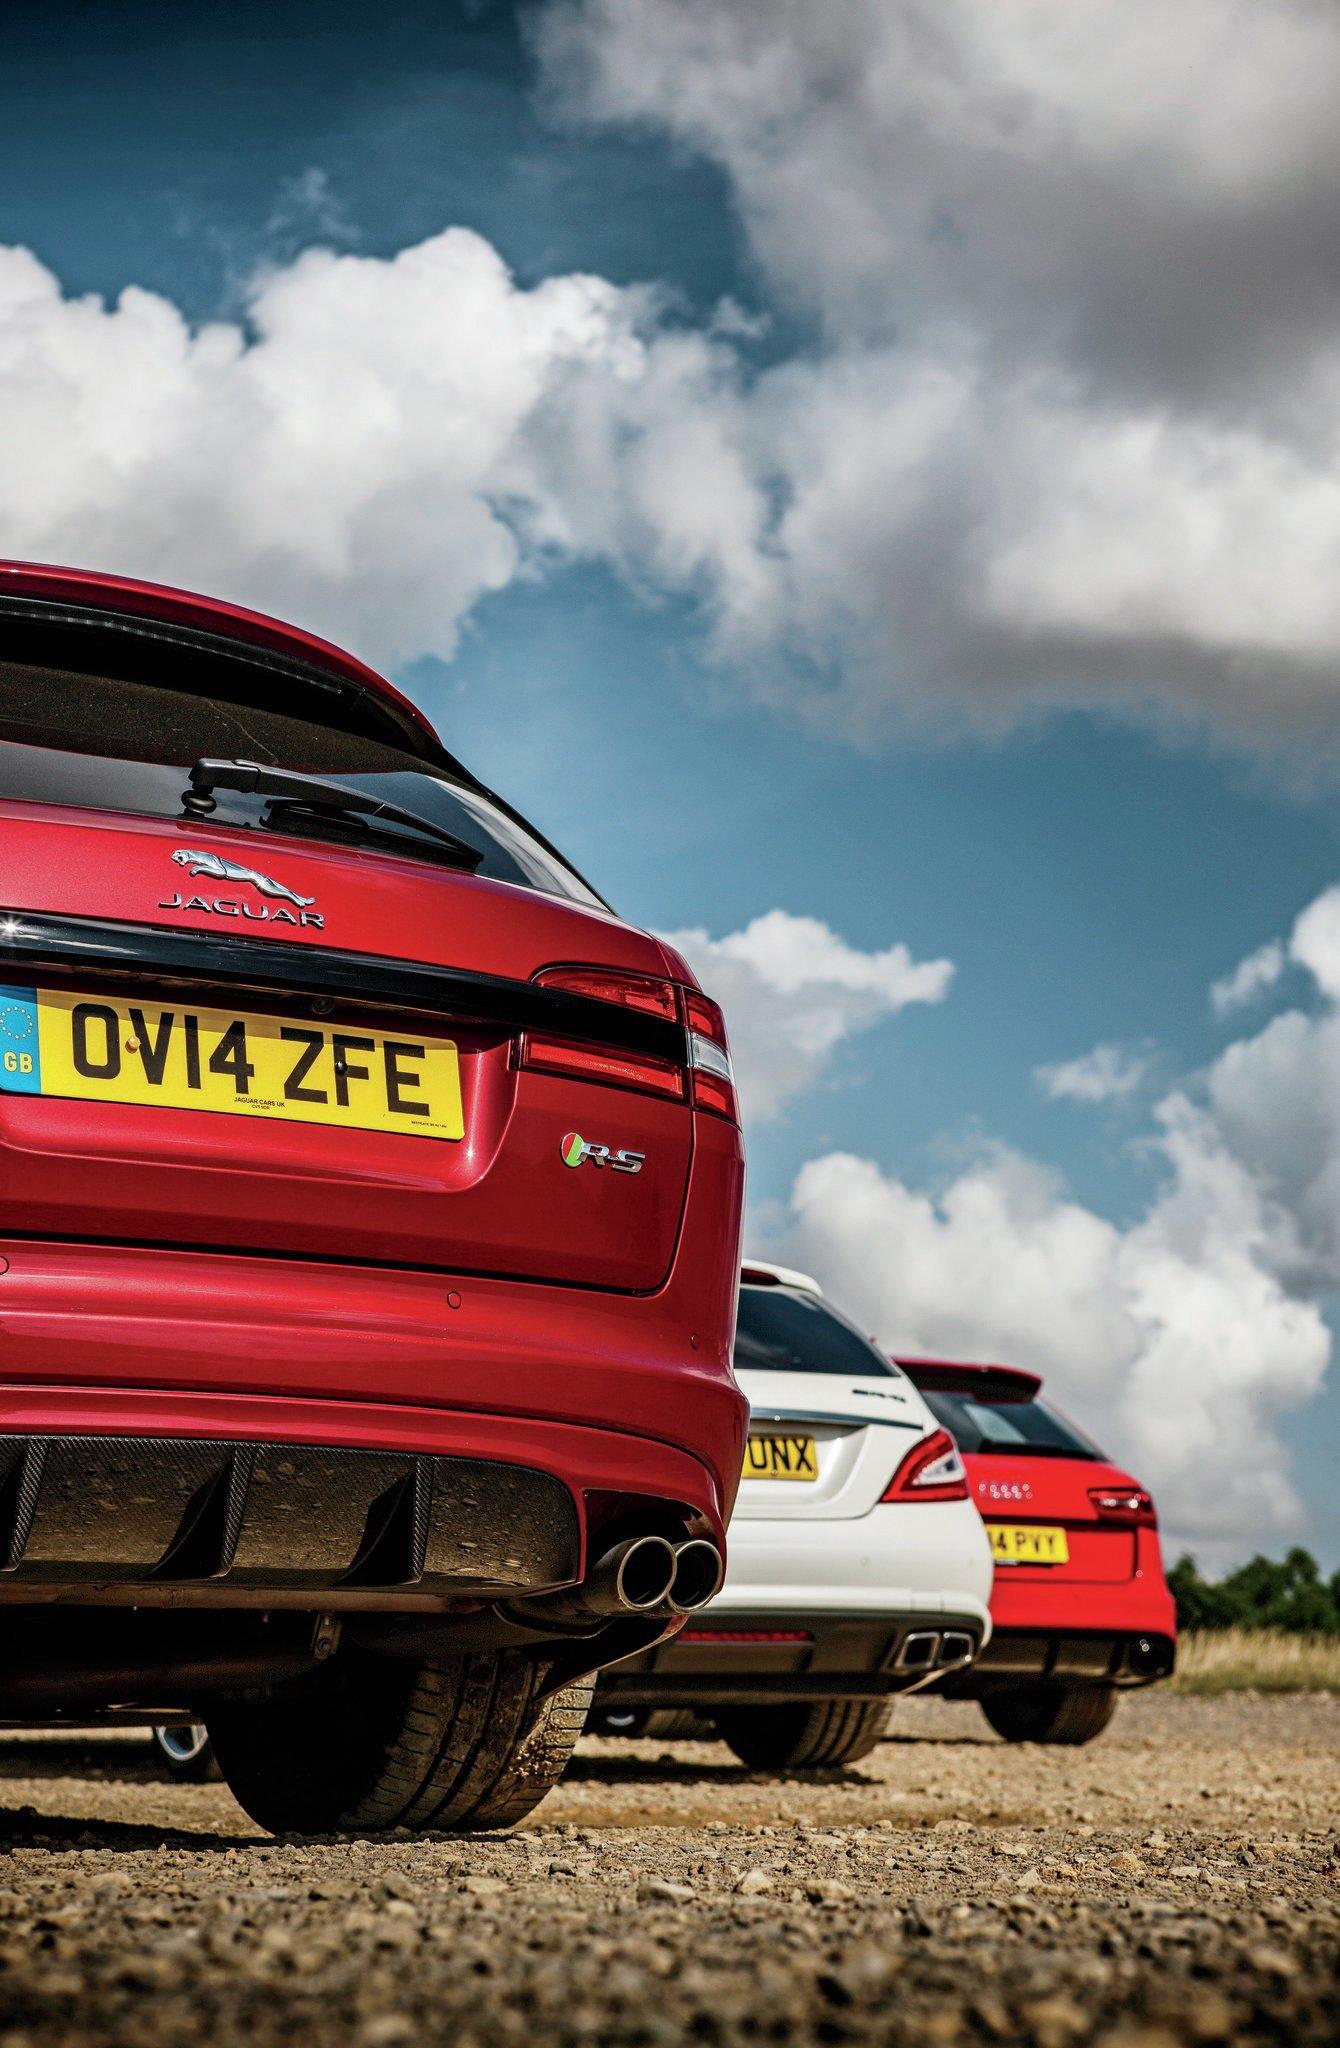 Hot Euro Wagons Jaguar XFRS vs Mercedes CLS63 AMG vs Audi RS6